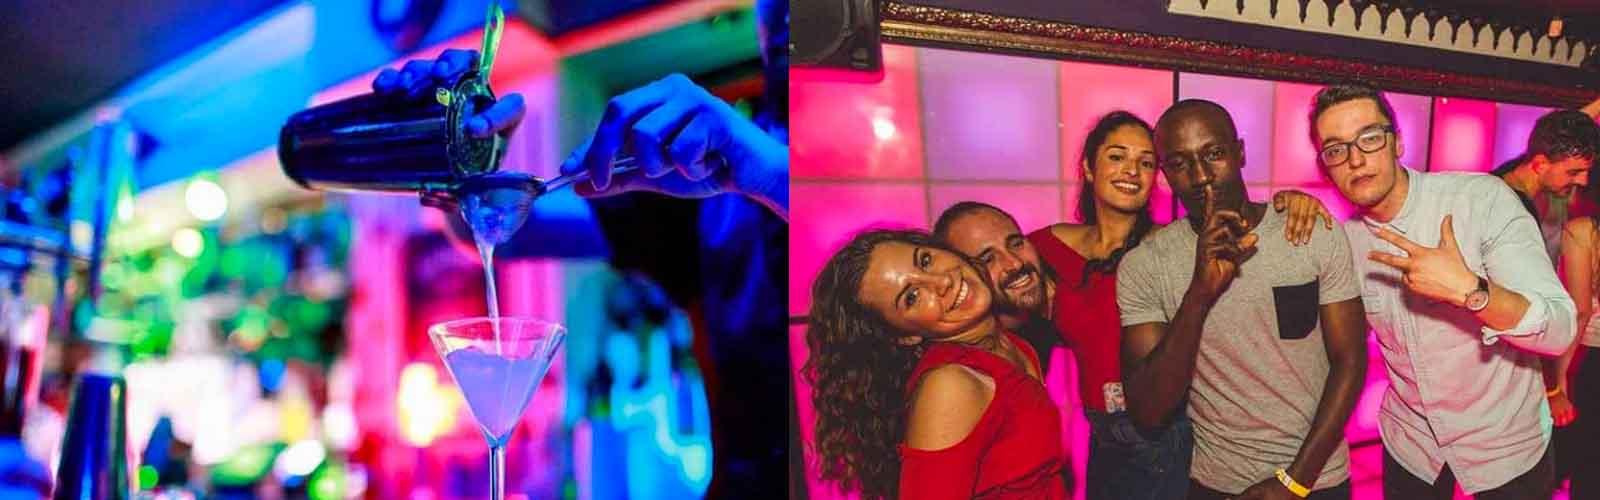 Dansjes en Drankjes bij Nachtclub Strawberry Moons